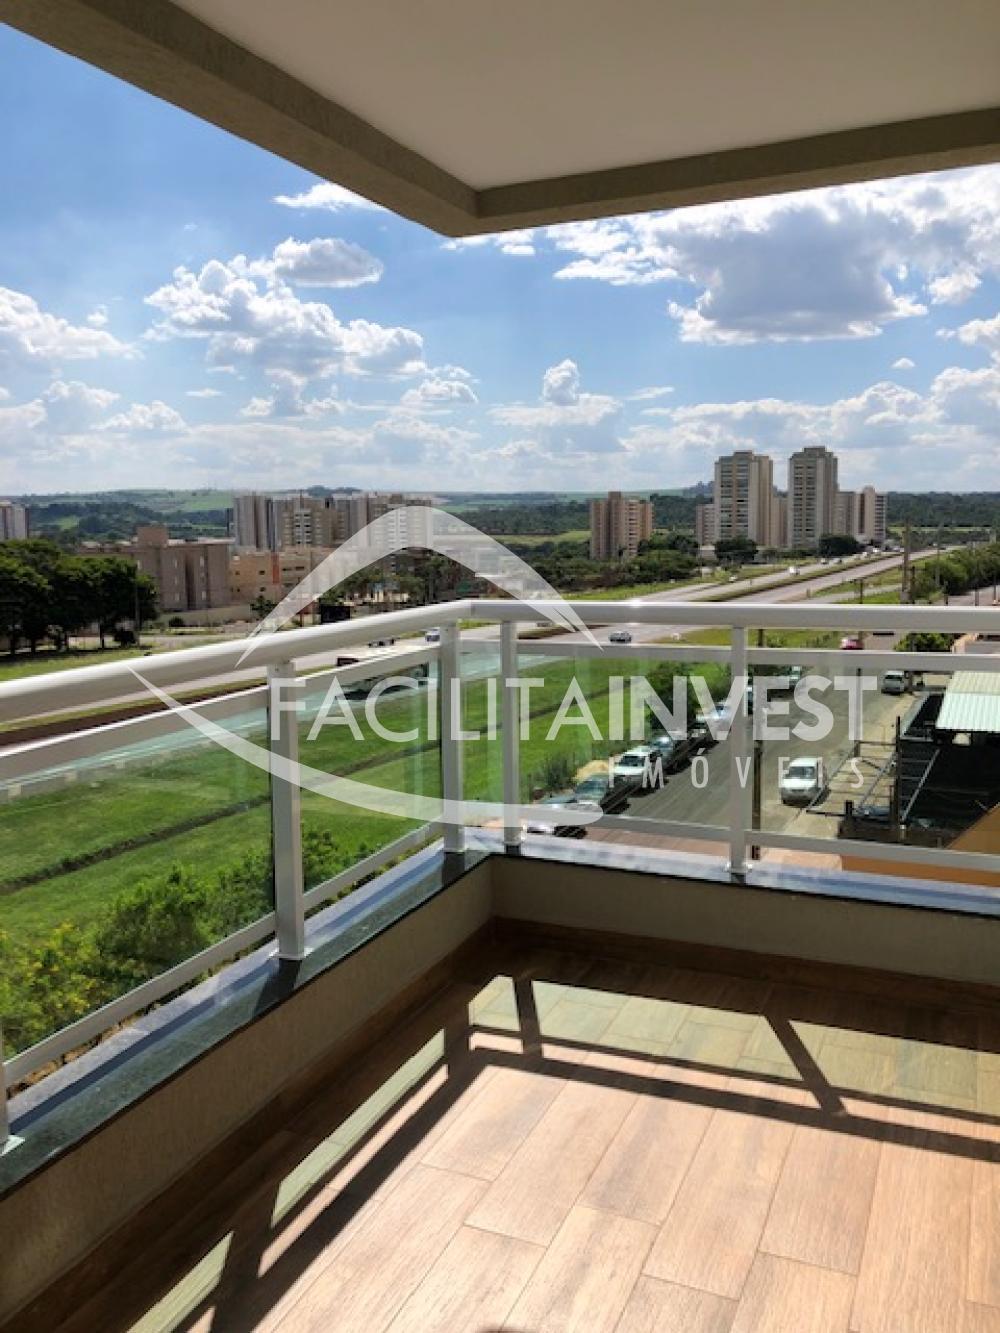 Alugar Lançamentos/ Empreendimentos em Construç / Apartamento padrão - Lançamento em Ribeirão Preto apenas R$ 1.200,00 - Foto 14